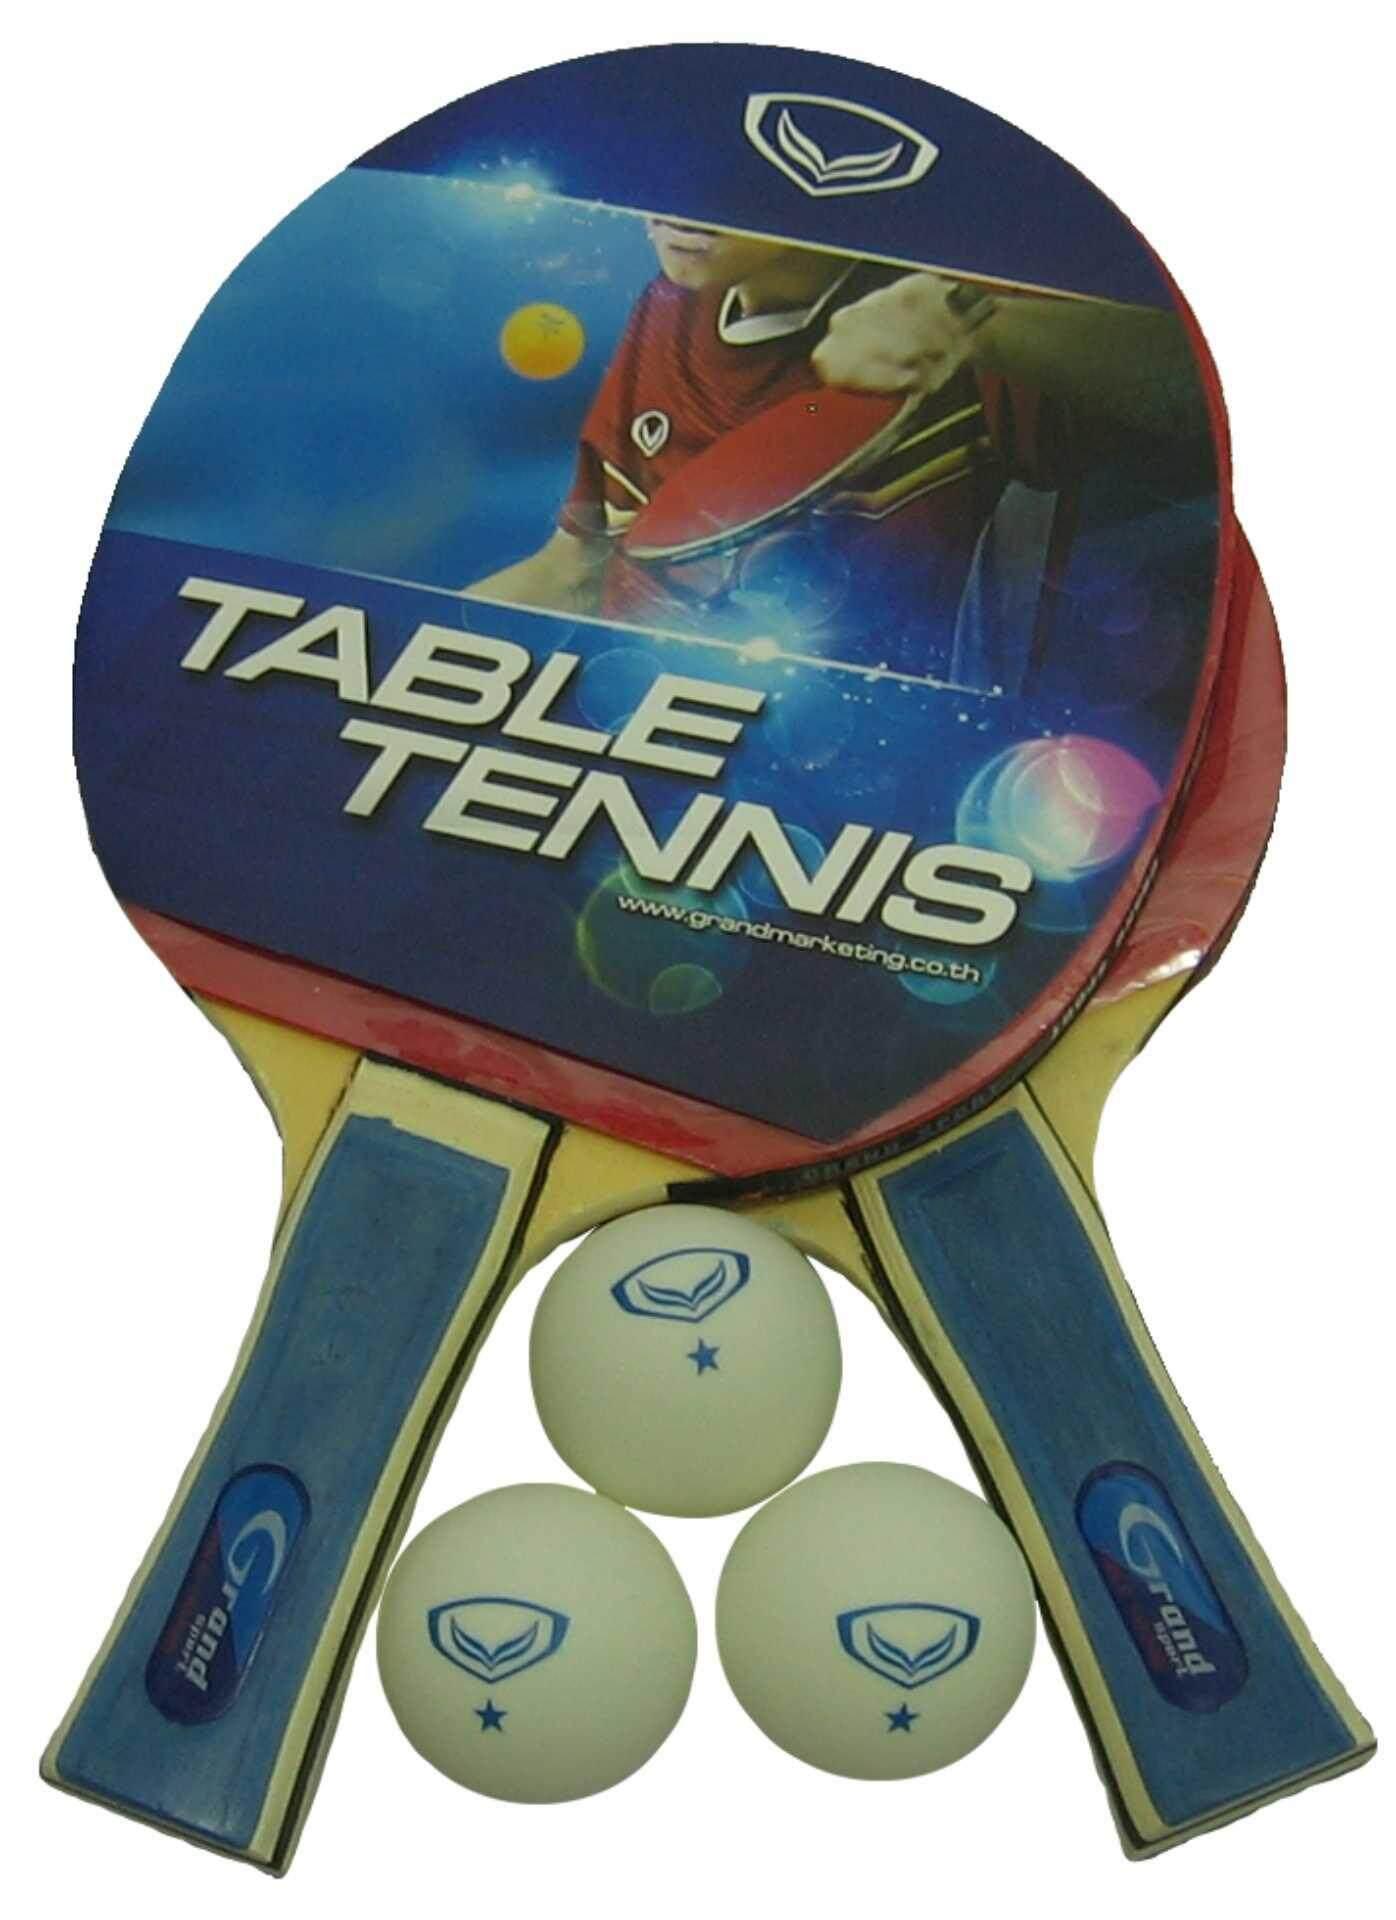 ไม้ปิงปอง ไม้เทเบิลเทนนิส (แบบคู่+ลูก) Grand Sport 378238 TWIN PRO II